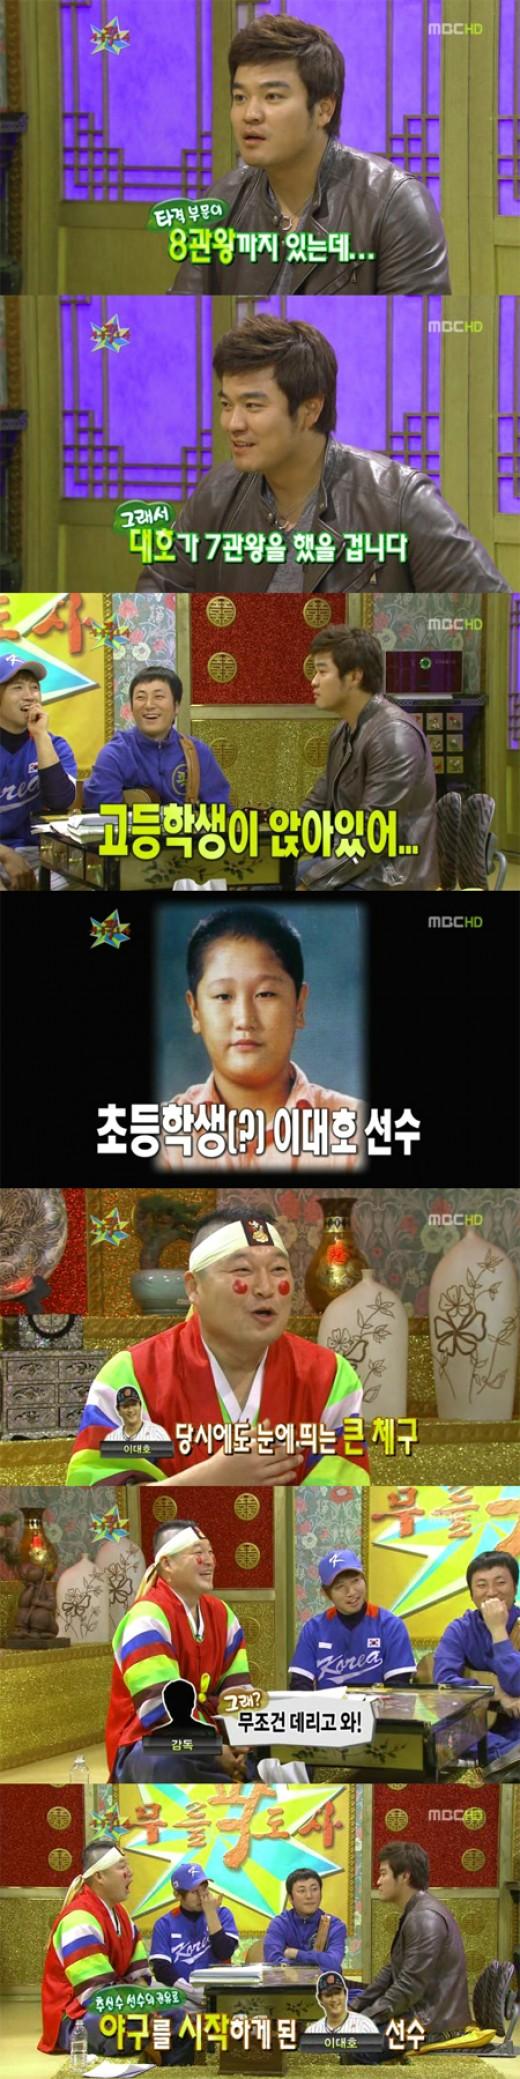 """추신수 """"이대호, 내 권유로 야구 입문"""" 오랜 인연 공개"""